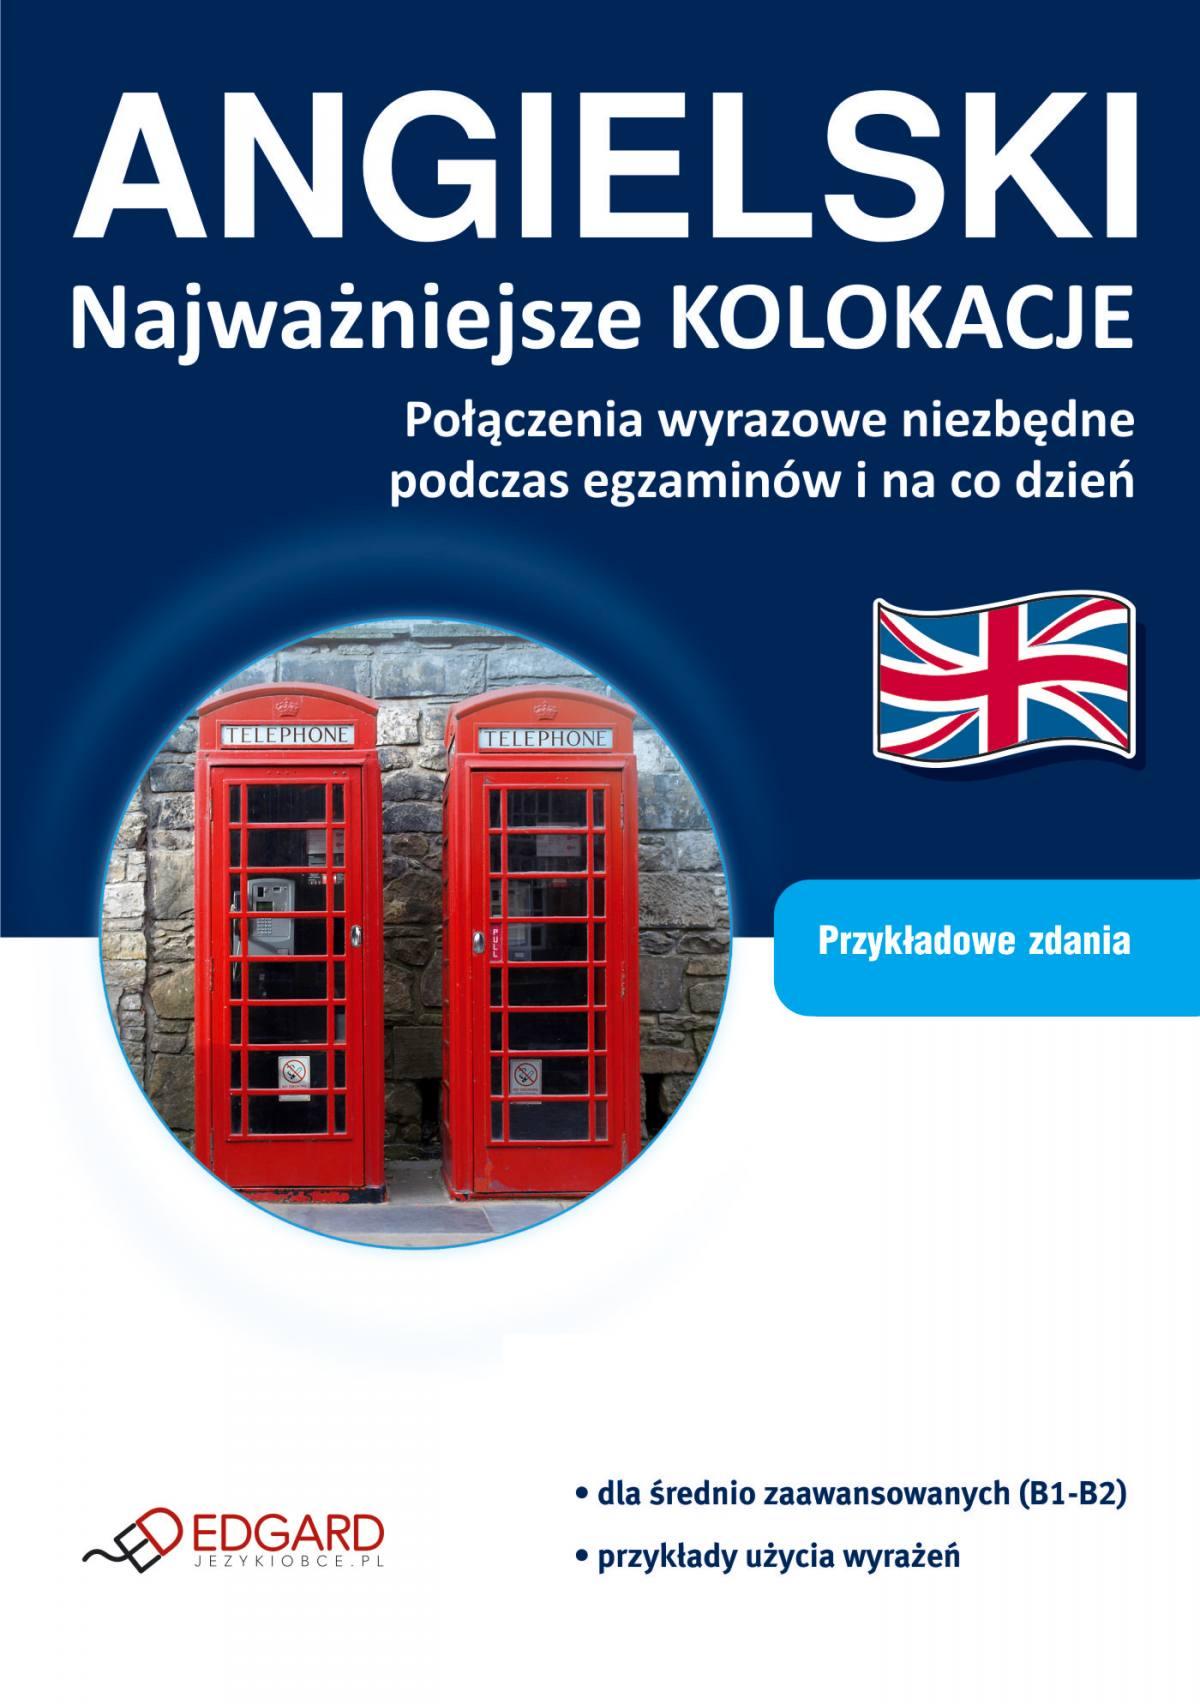 Angielski Najważniejsze kolokacje - Ebook (Książka na Kindle) do pobrania w formacie MOBI